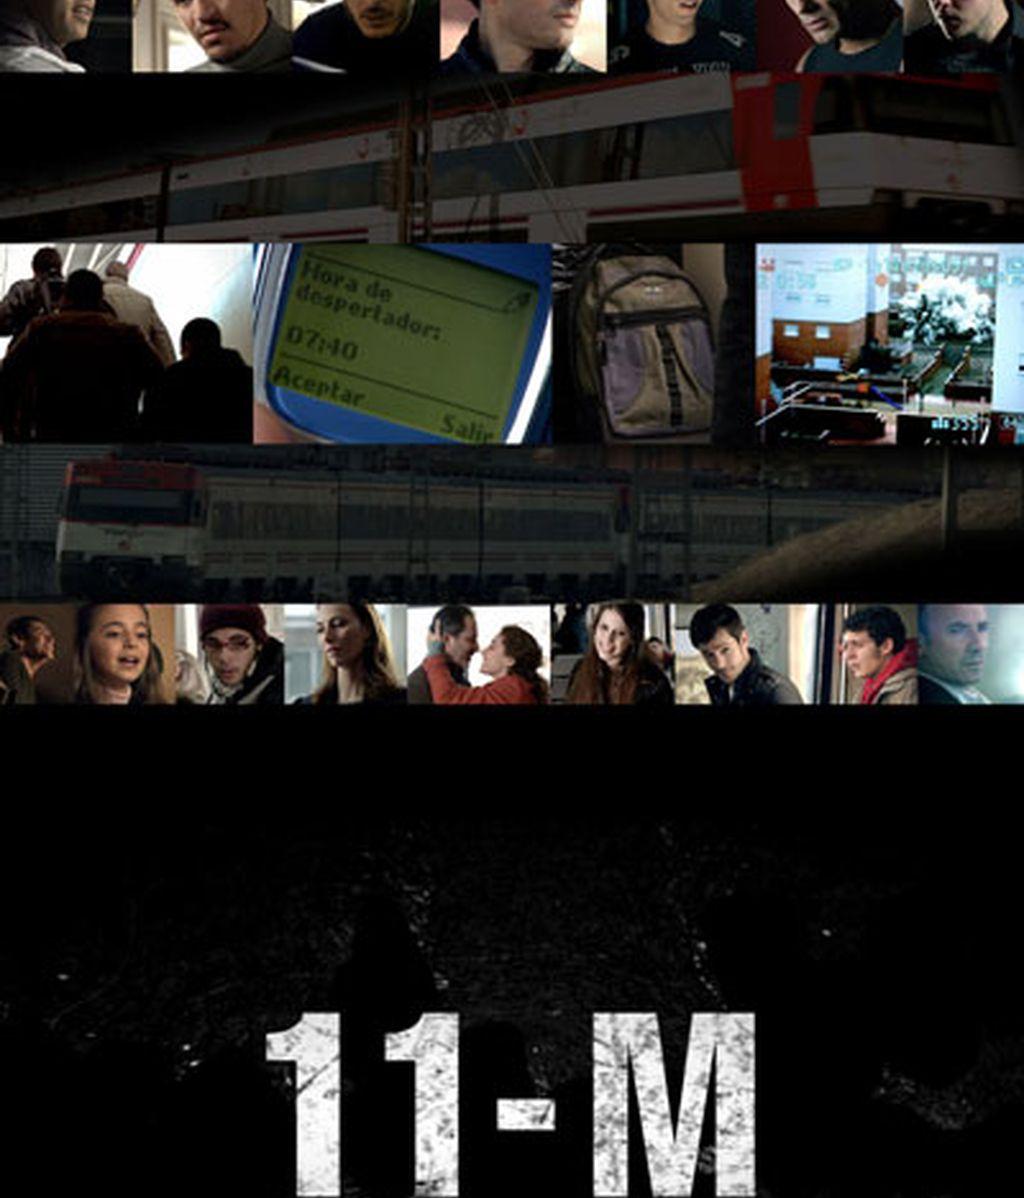 Las imágenes de la miniserie del 11-M